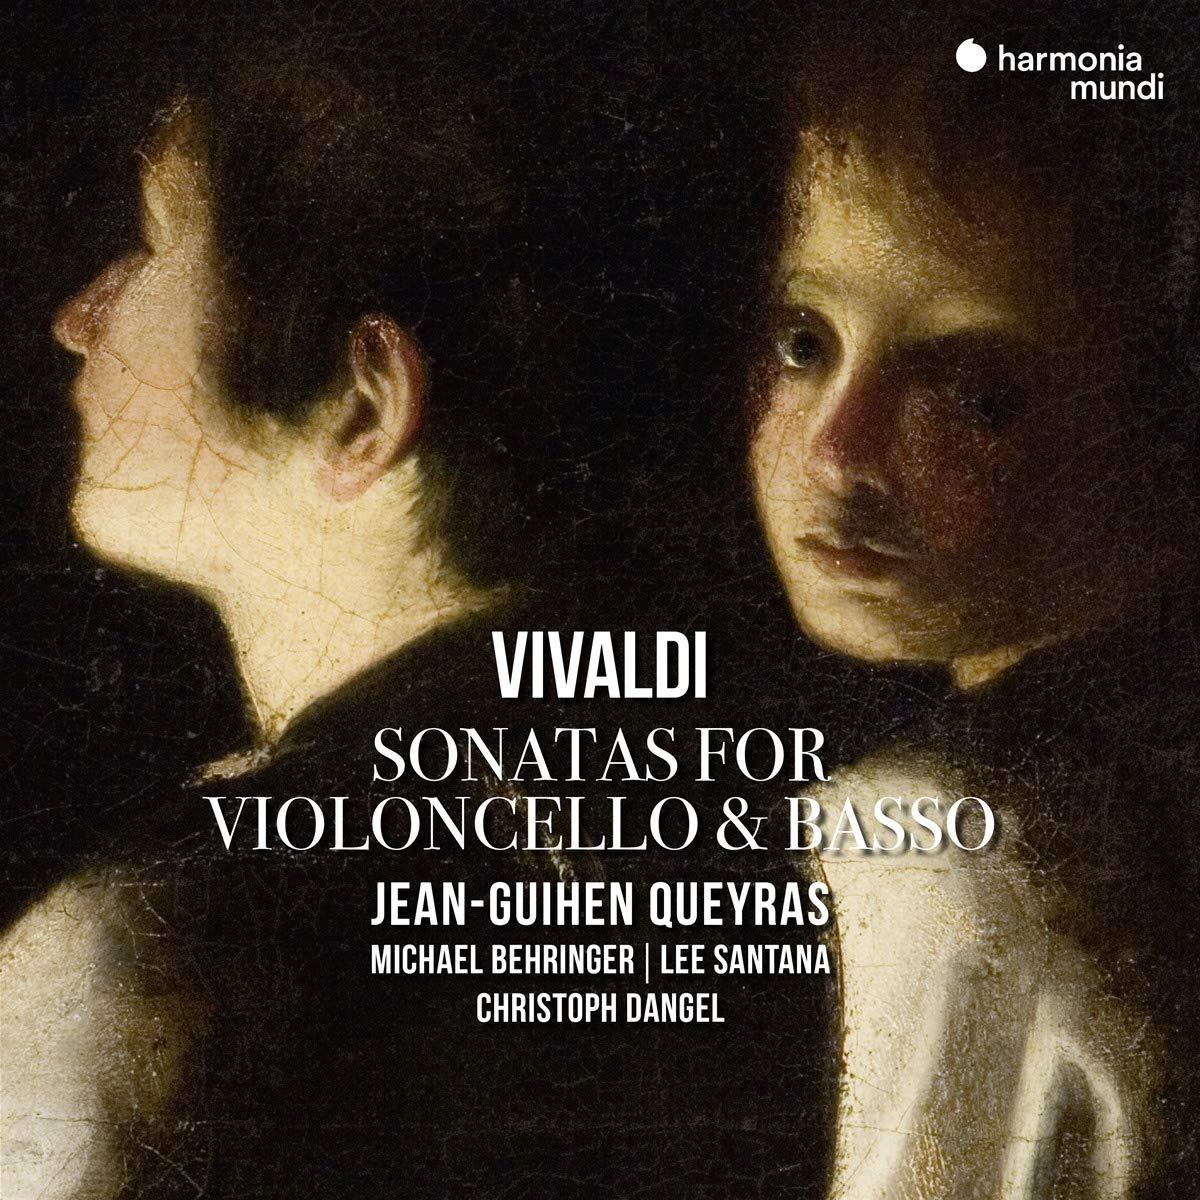 CD : Jean-Guihen Queyras - Vivaldi: Sonatas For Cello & Basso Continuo (CD)